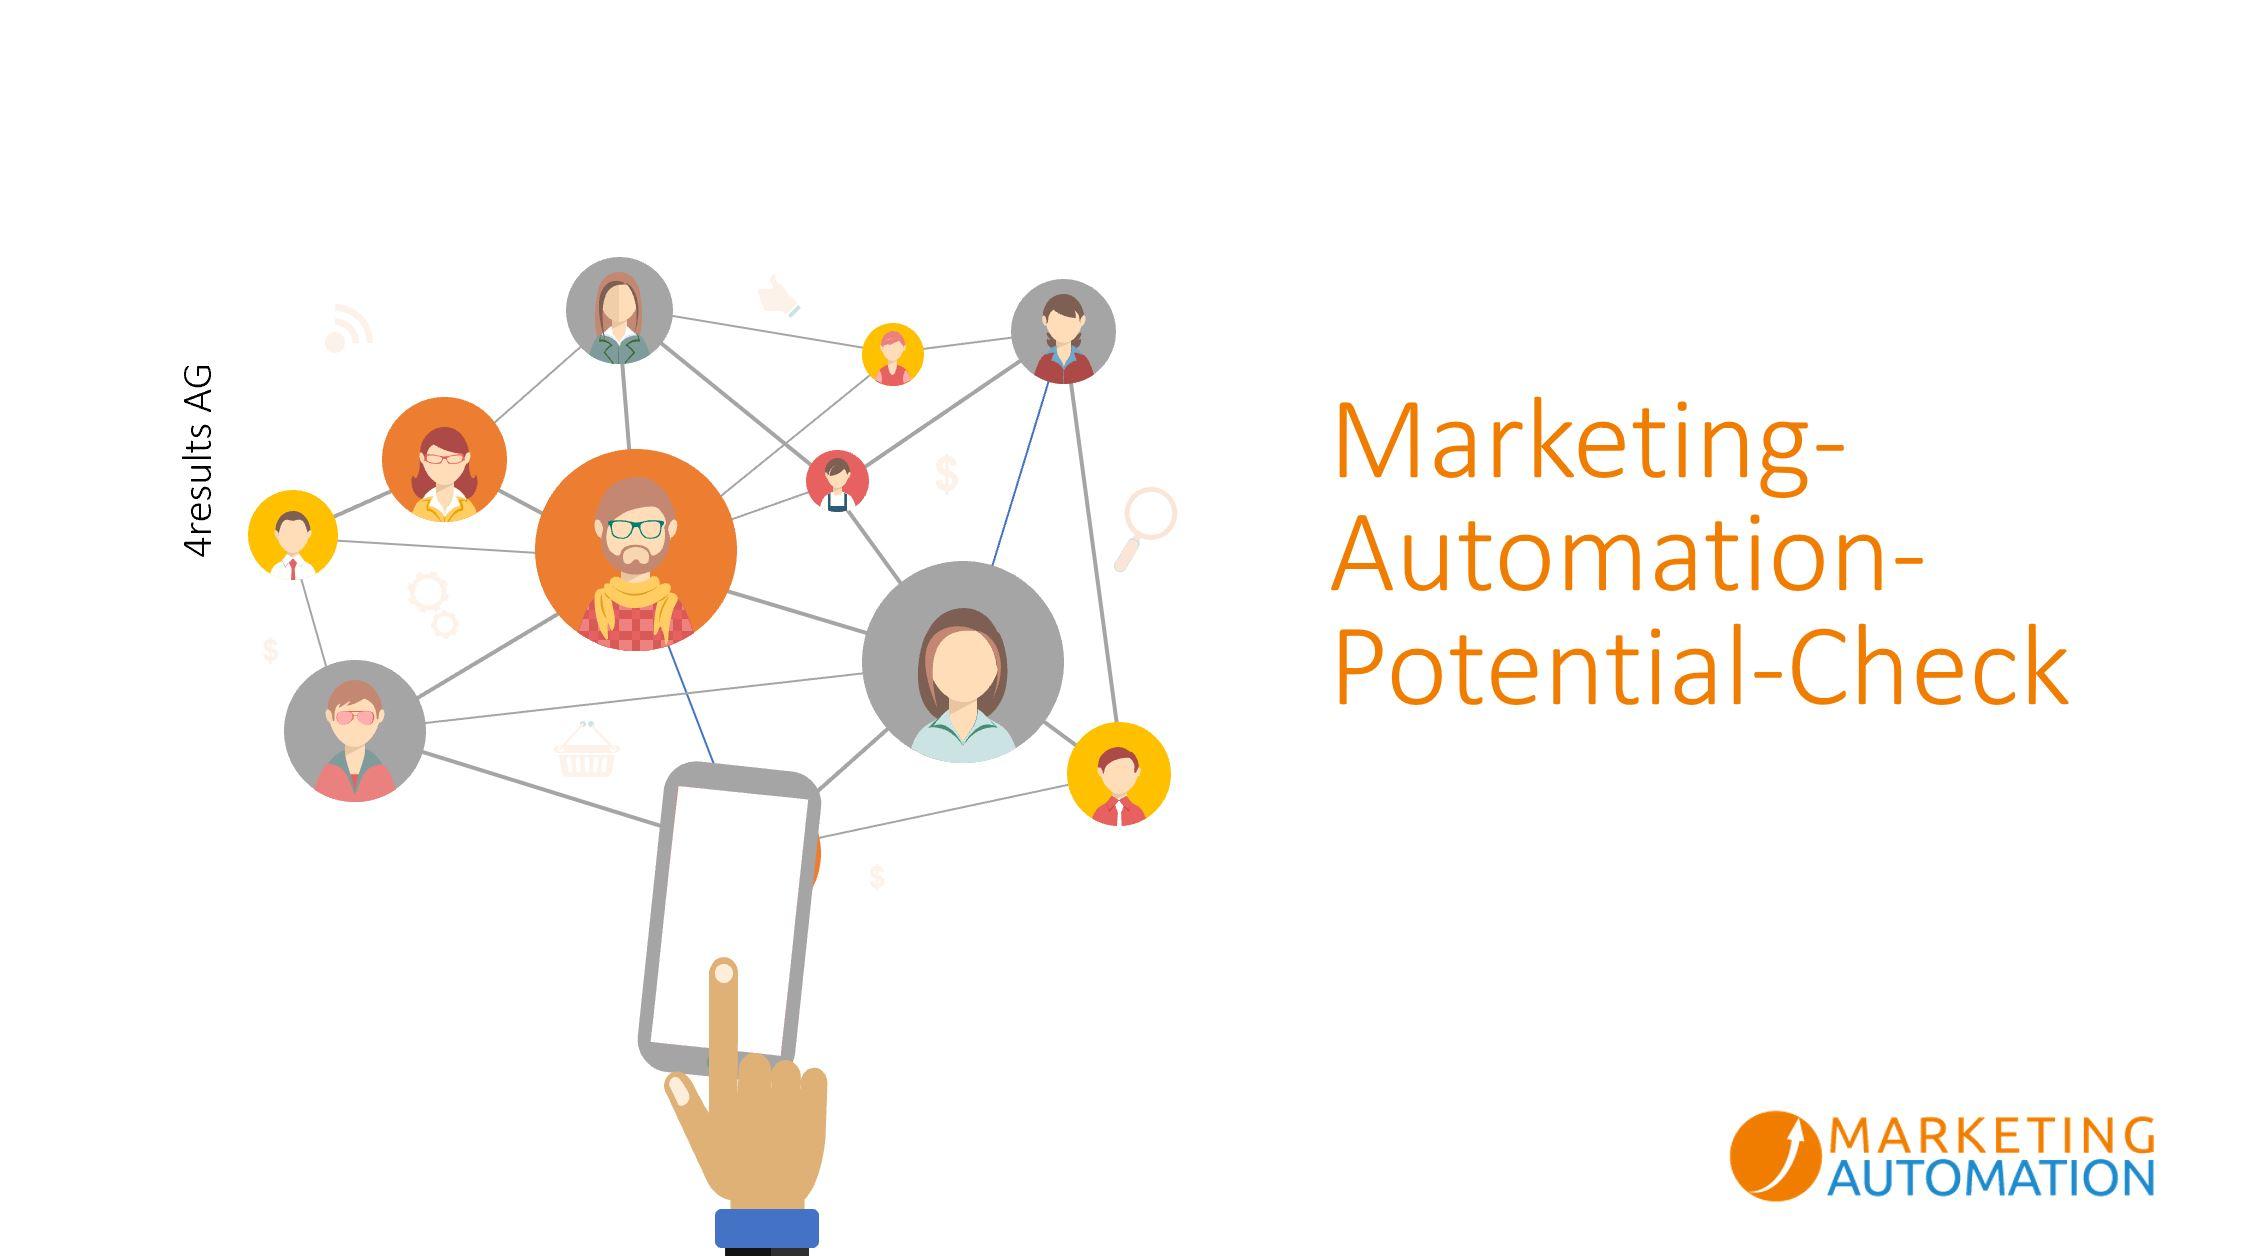 Der Marketing-Automation-Potential-Check zeigt Ihnen auf, wie Sie Ihr Potential in der digitalen Transformation für sich nutzen können.